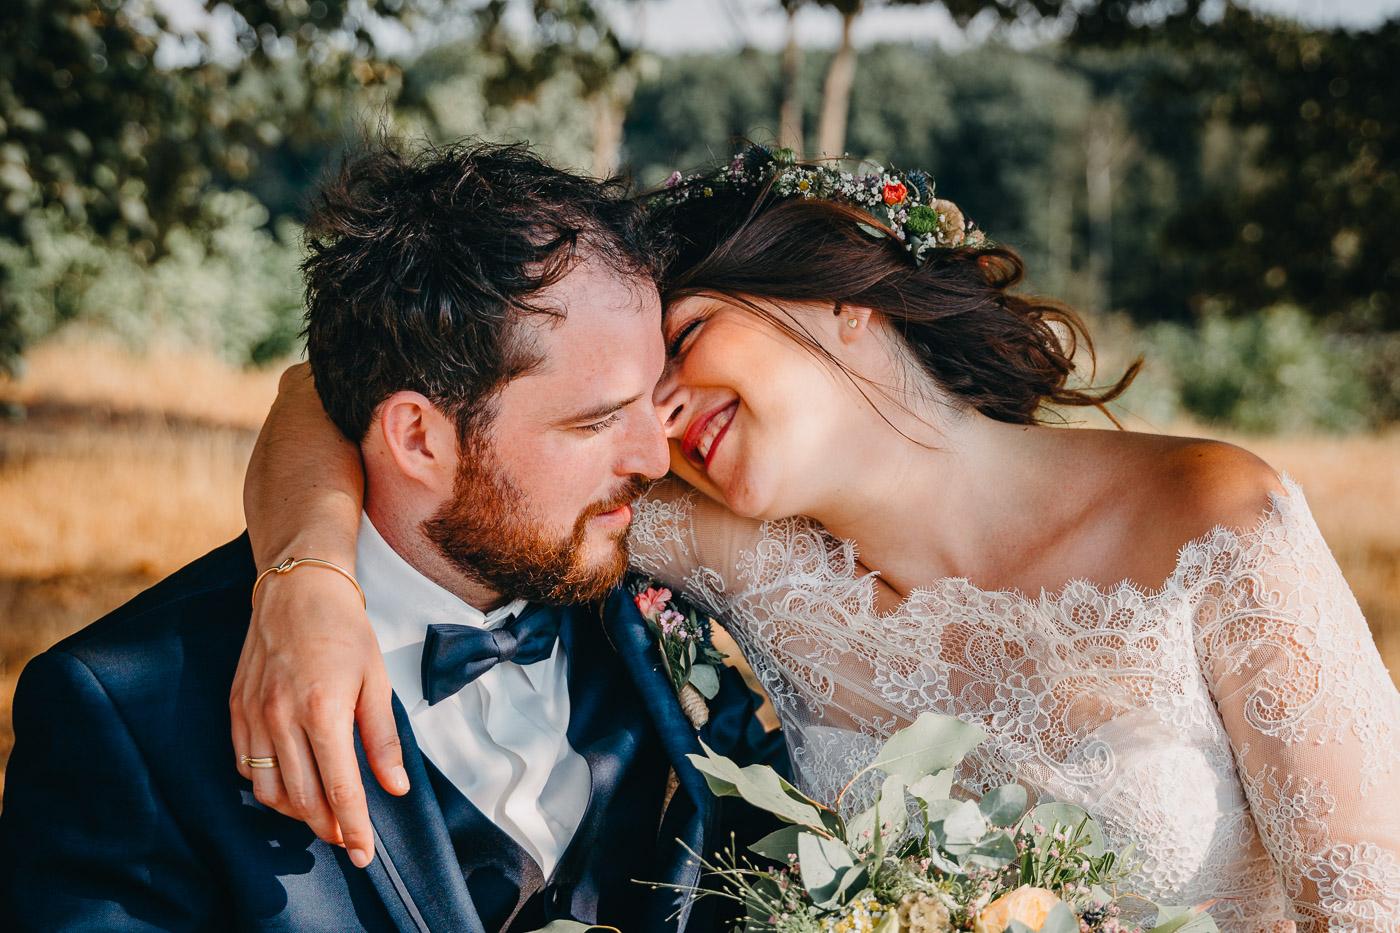 ZIBART.DE - wedding - lowq - 2018.08.04 - 2821.JPG